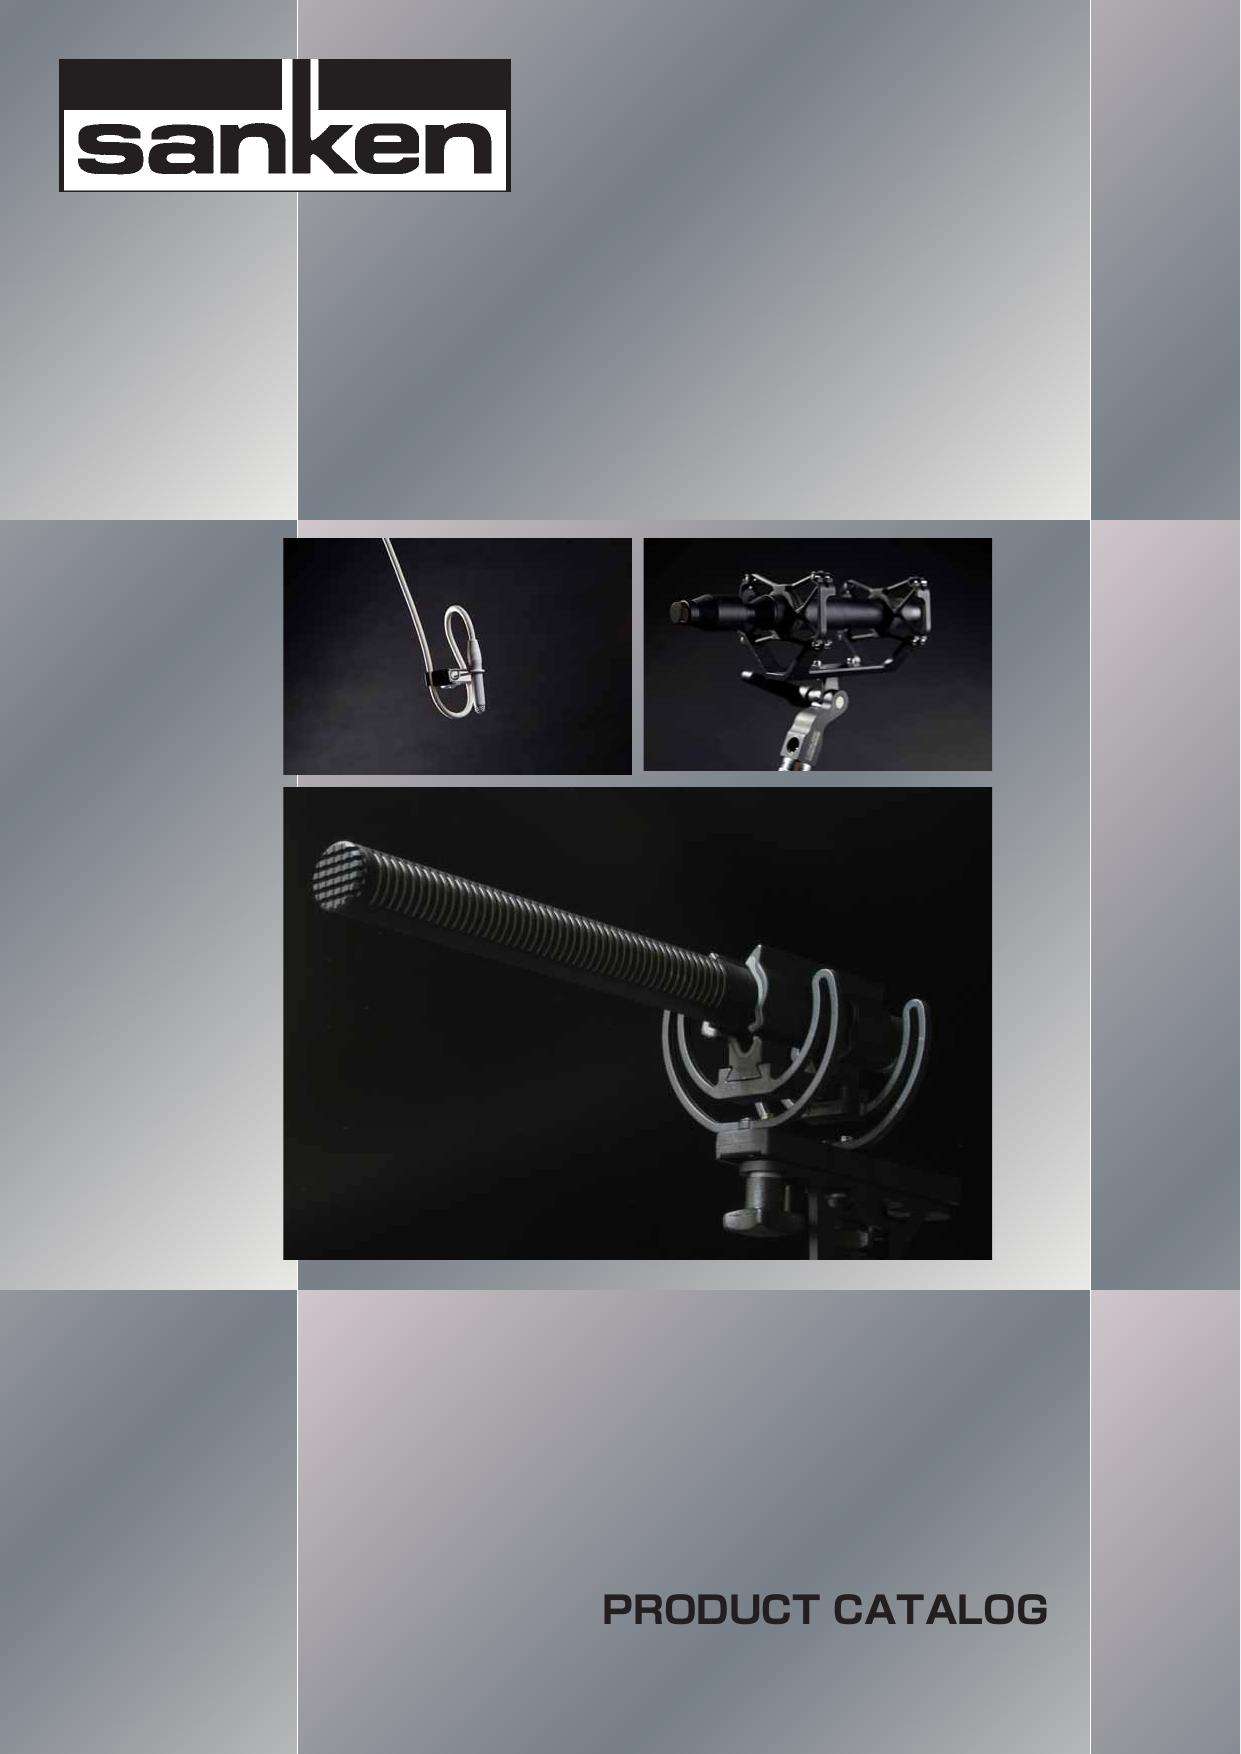 product catalog - sanken microphone co  ,ltd  | manualzz com